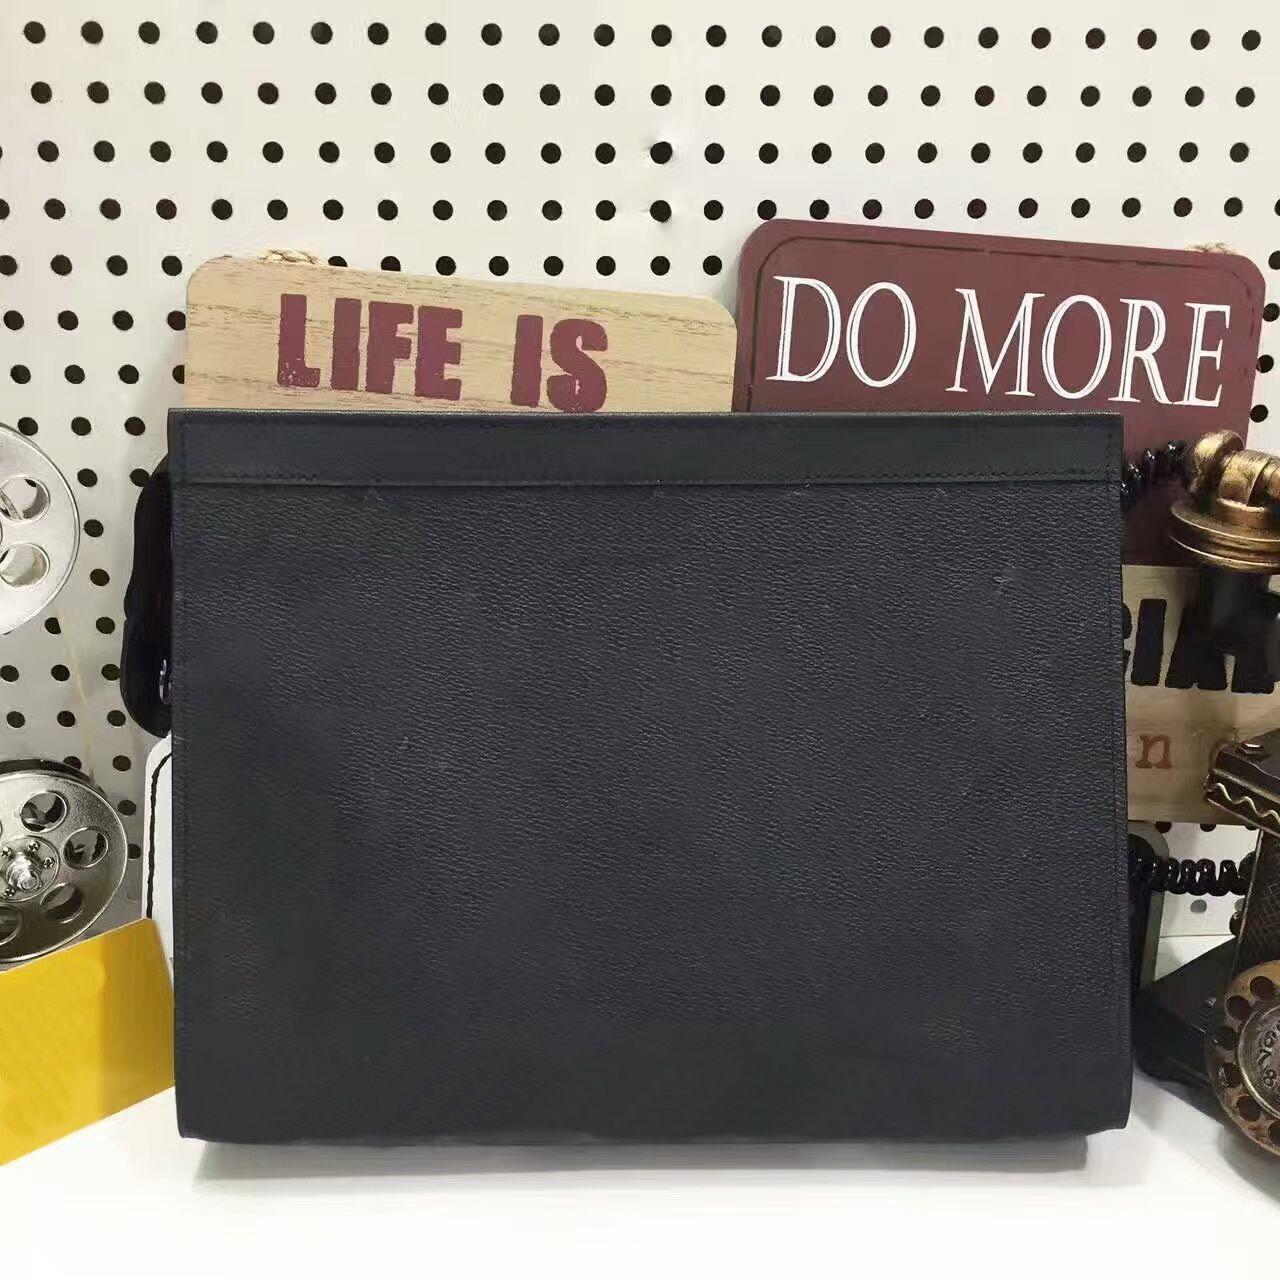 POCHETTE VOYAGE MM Mens Eclipse Canvas POUCH Bag Designer Satchel Handbag  Small Zip Wallet LEATHER PURSE CLUTCH M61692 CX 151 Bags Buxton Wallet Kids  Wallet ... 8c432da924811